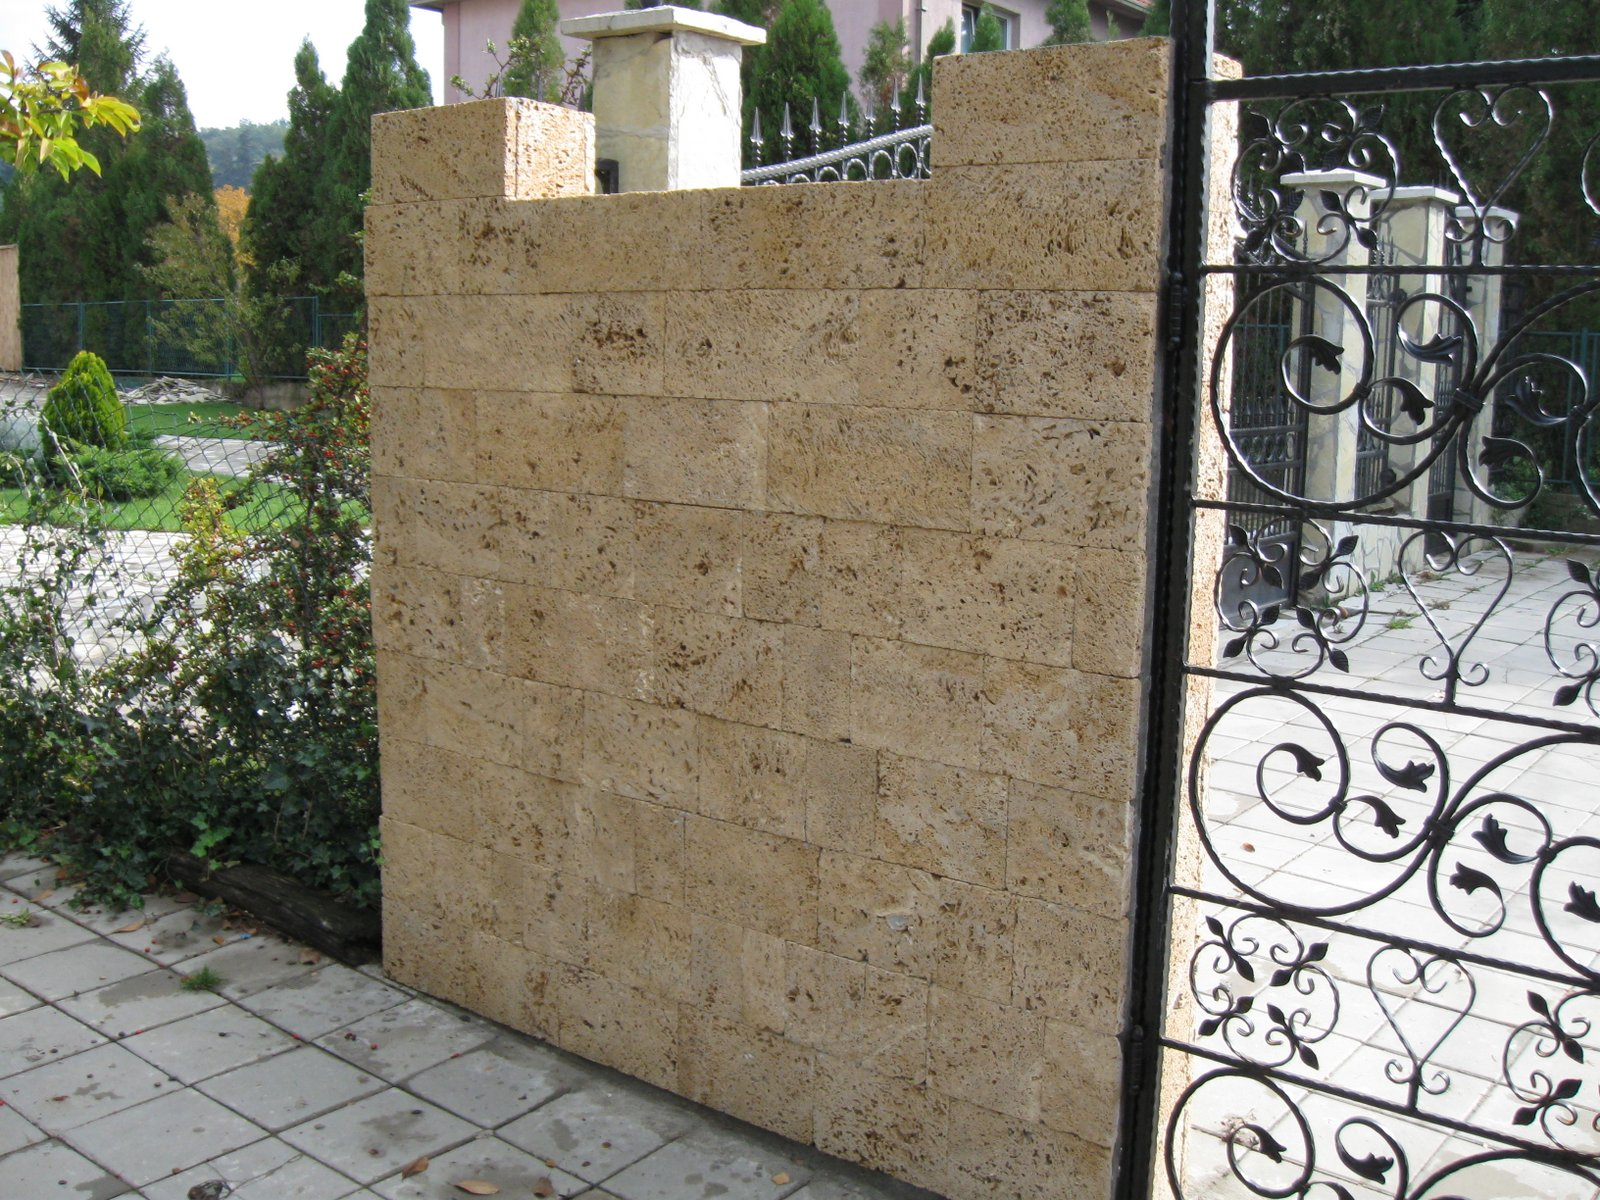 Ograde od kamena (4)